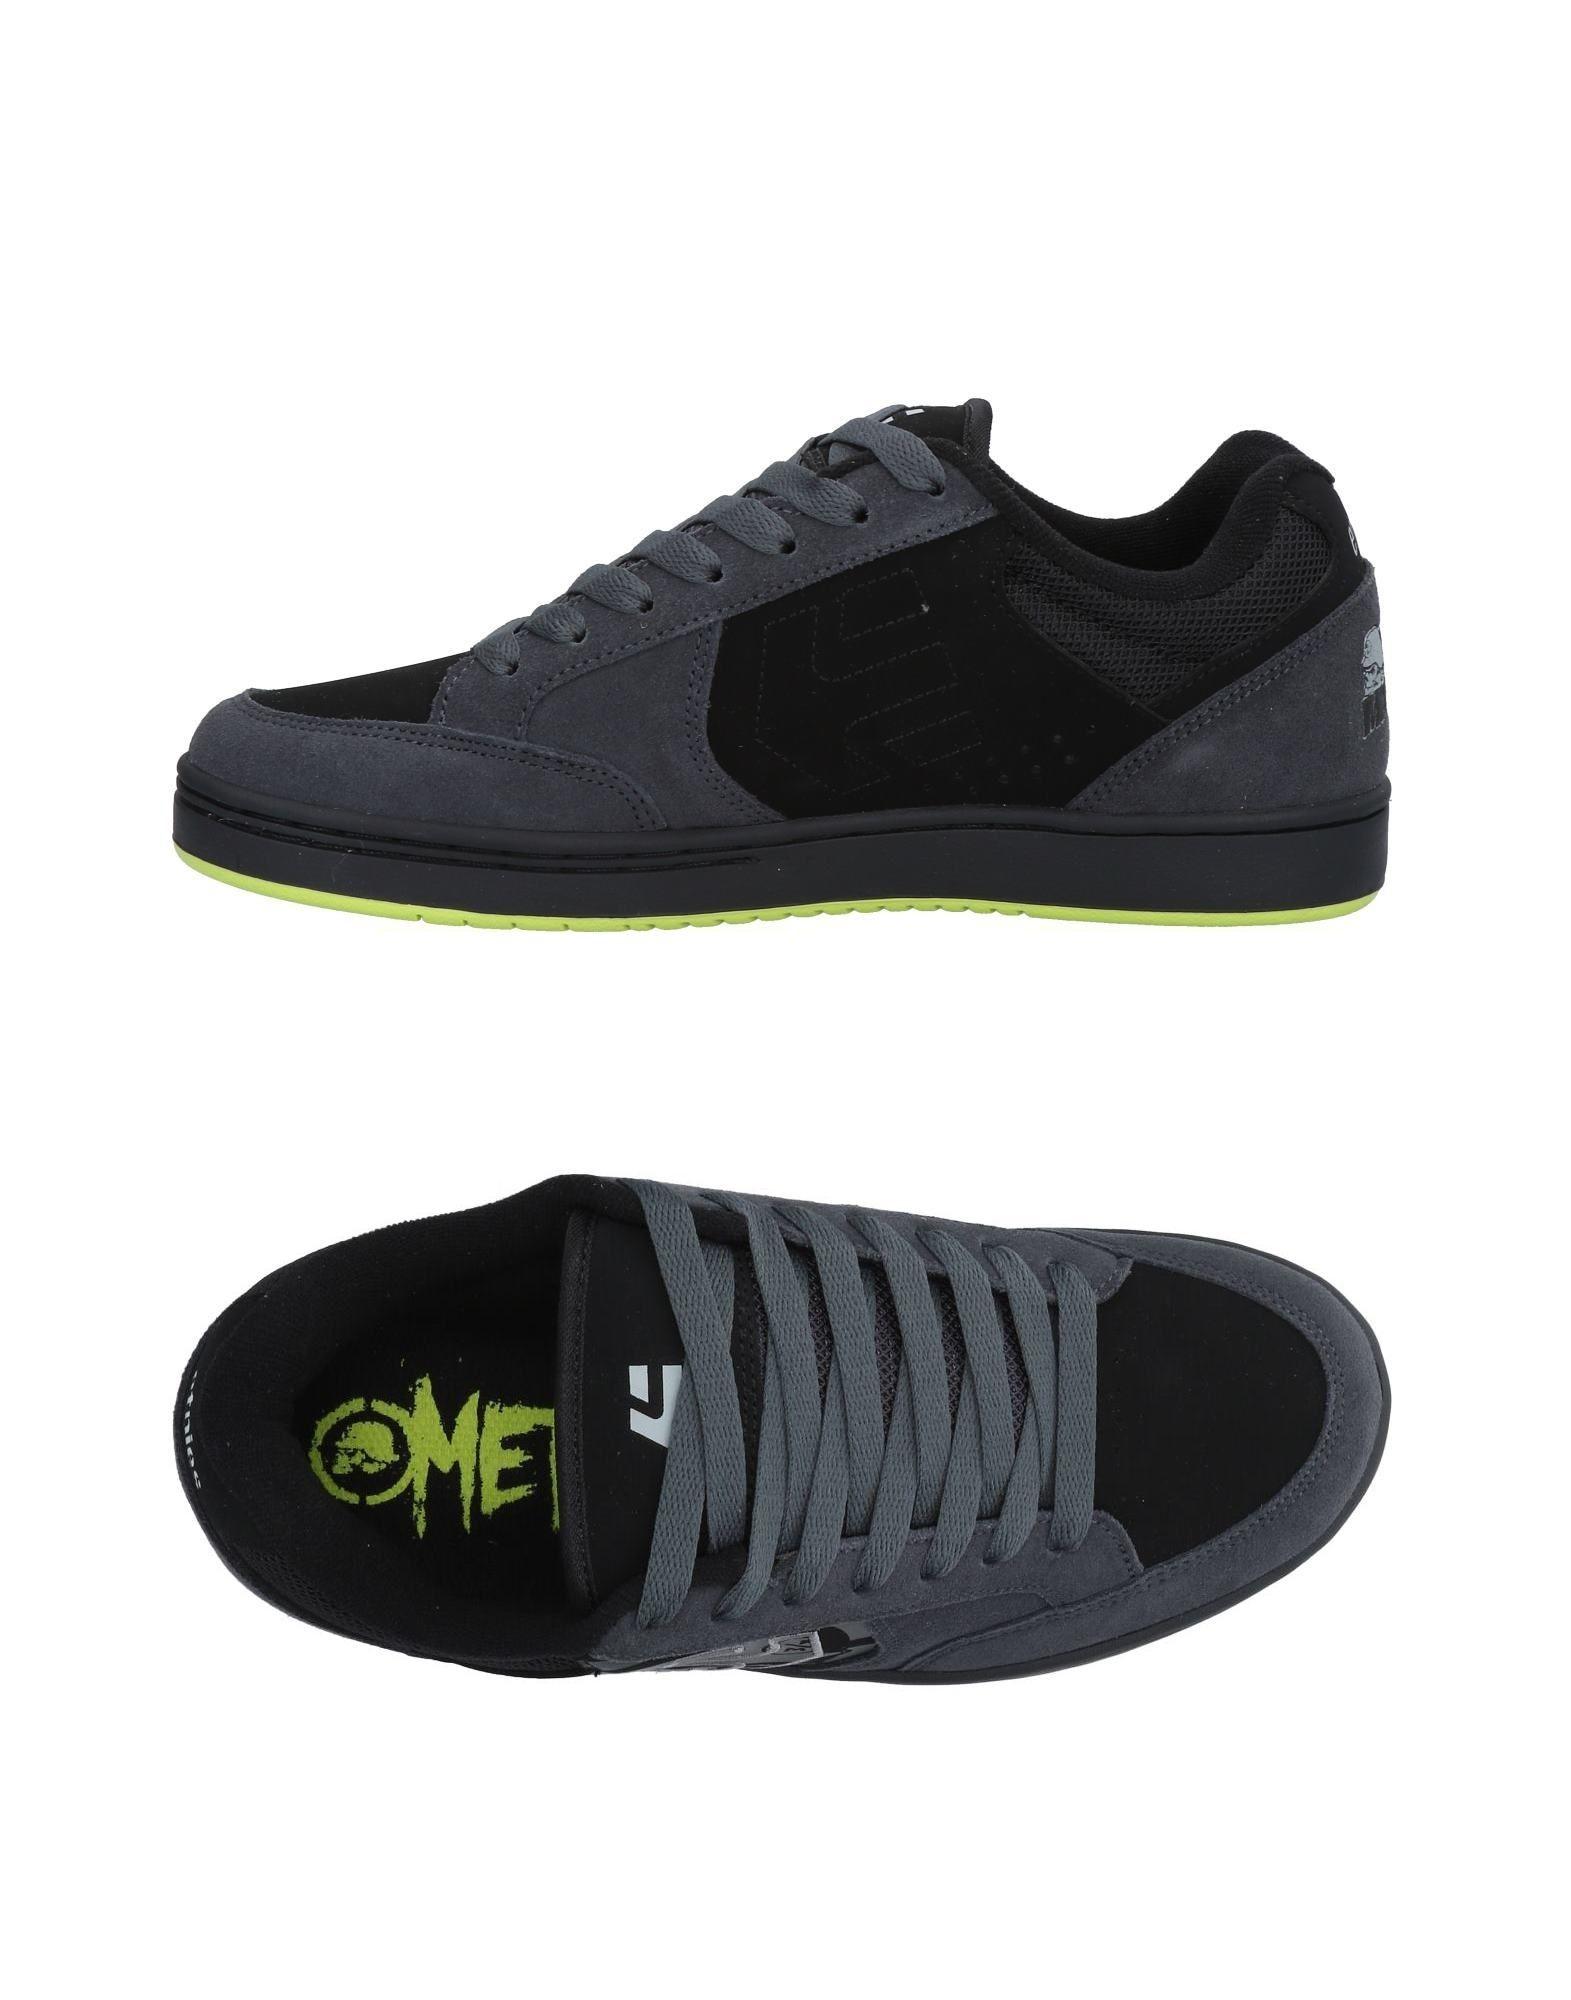 Etnies Sneakers Herren Gutes Preis-Leistungs-Verhältnis, es lohnt sich 12430